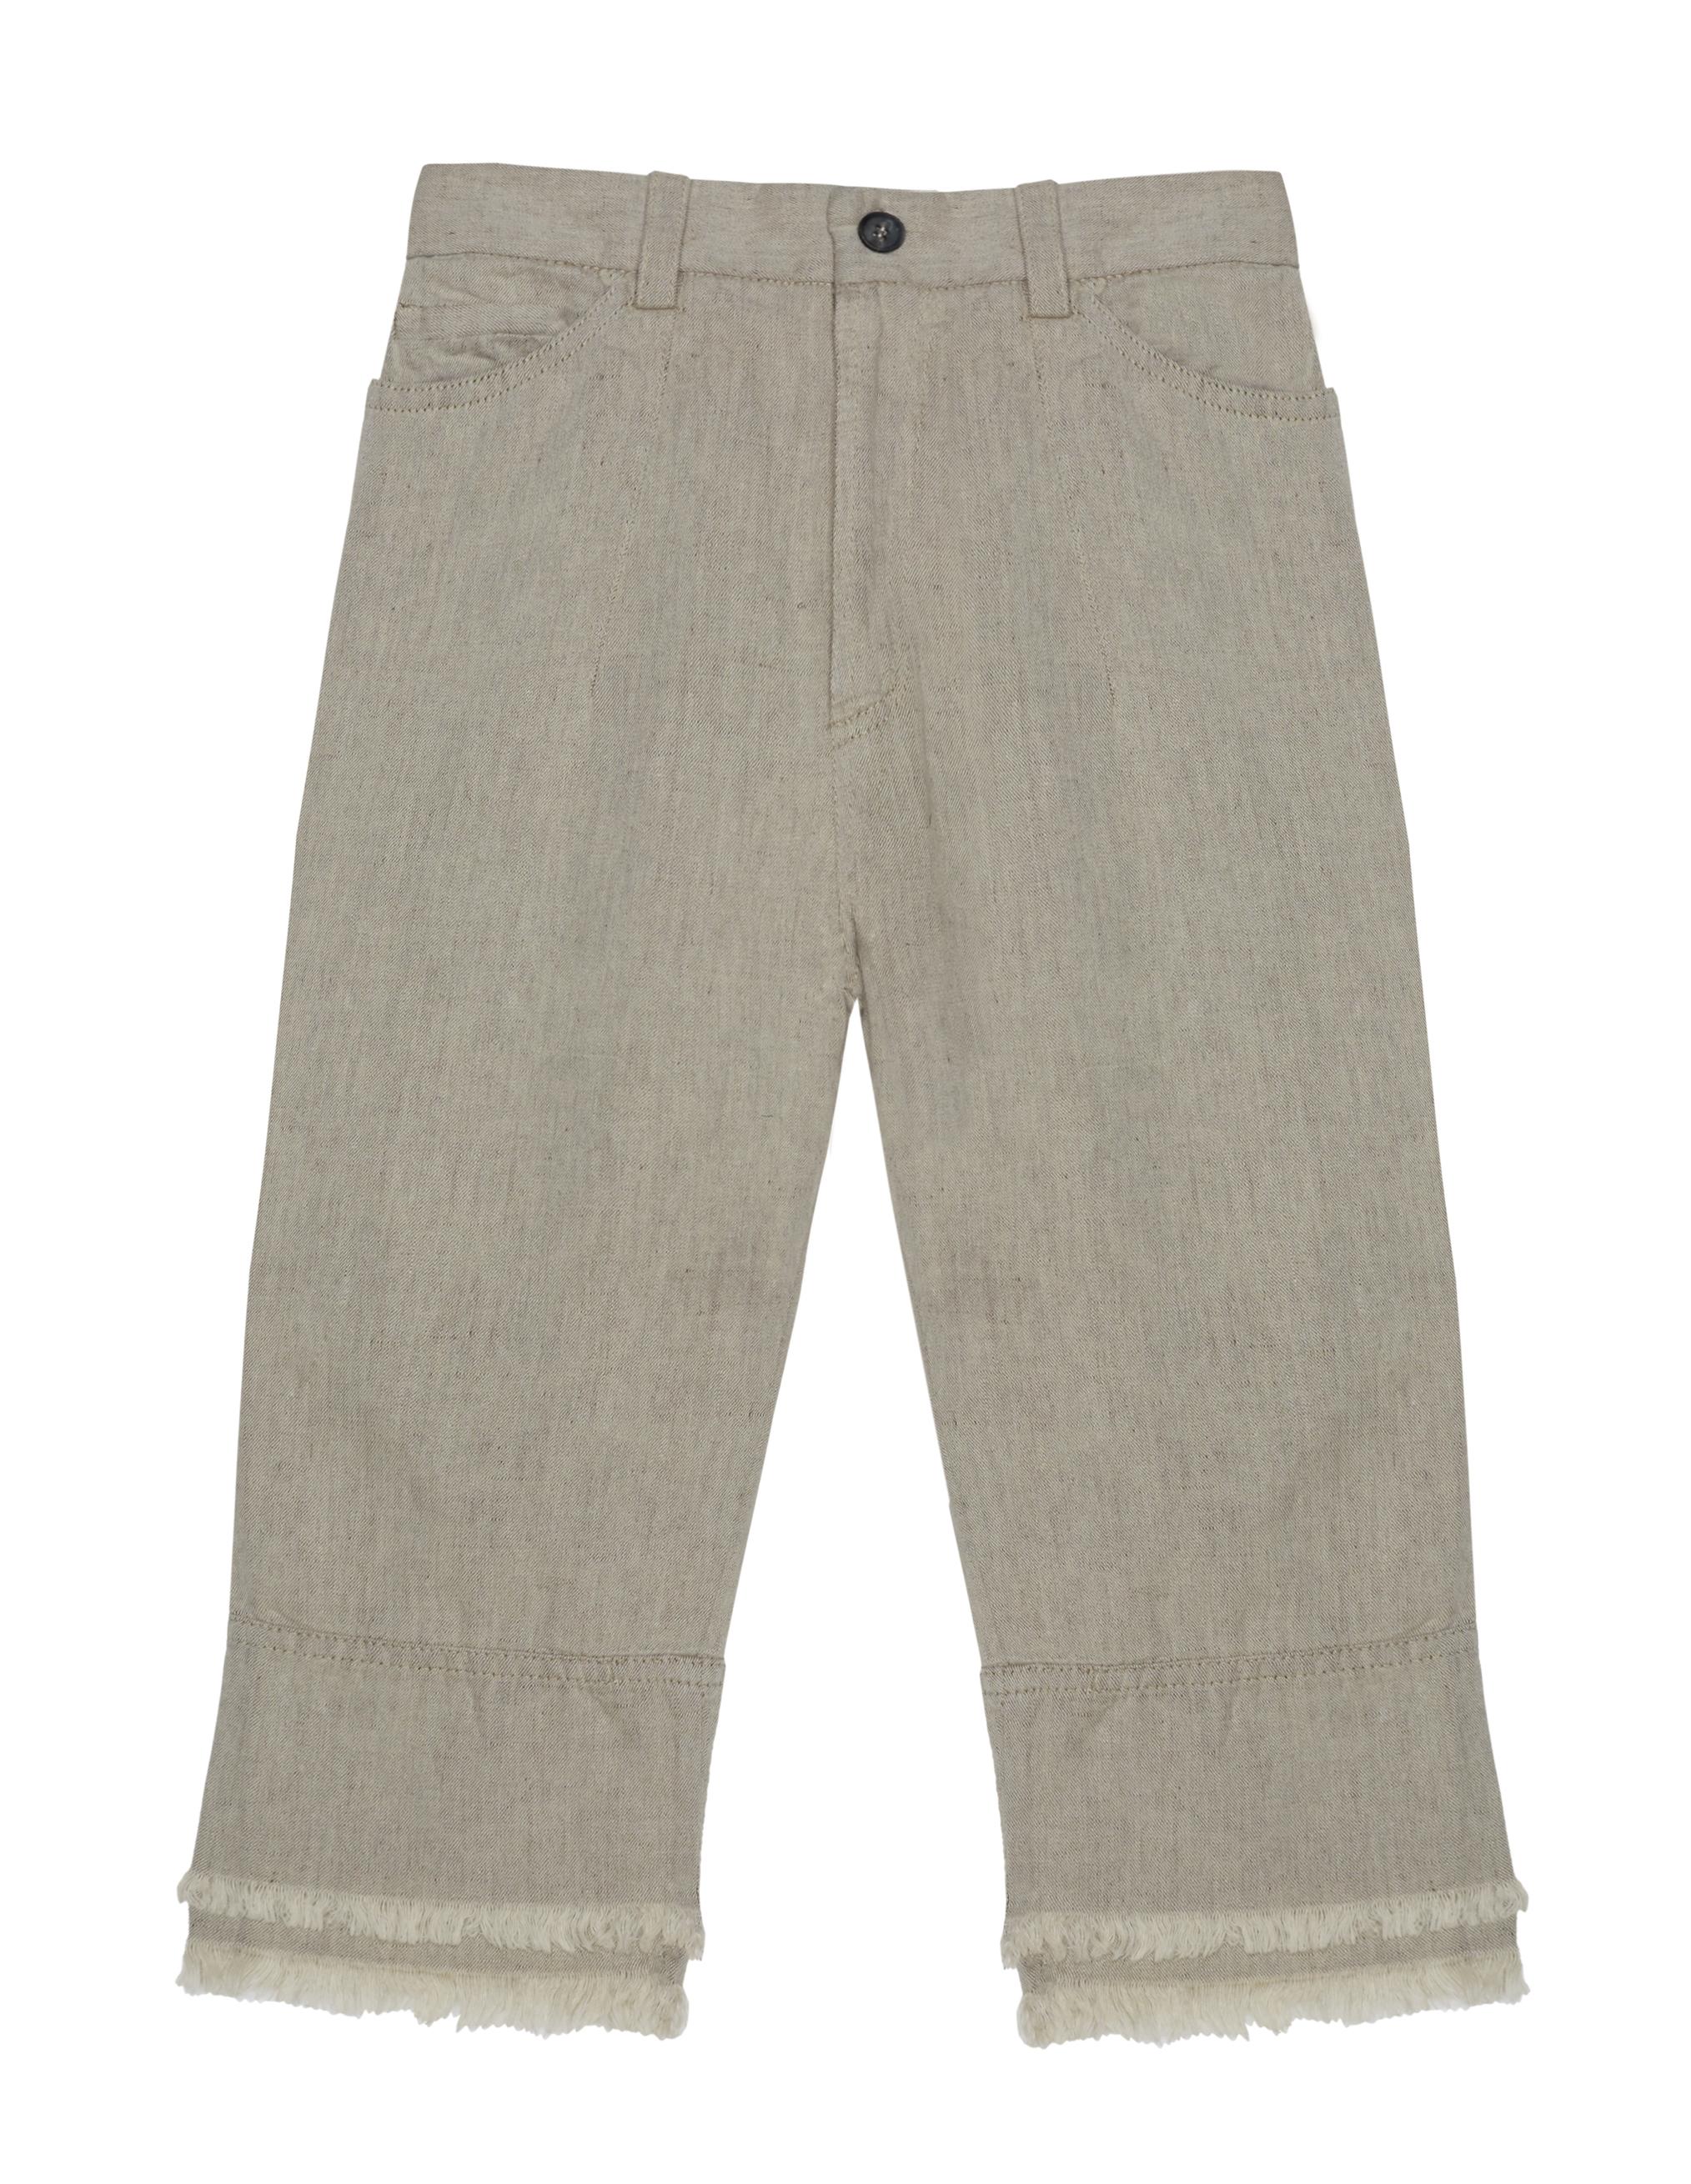 Lost&Found kids Beige Cotton & Linen Jeans